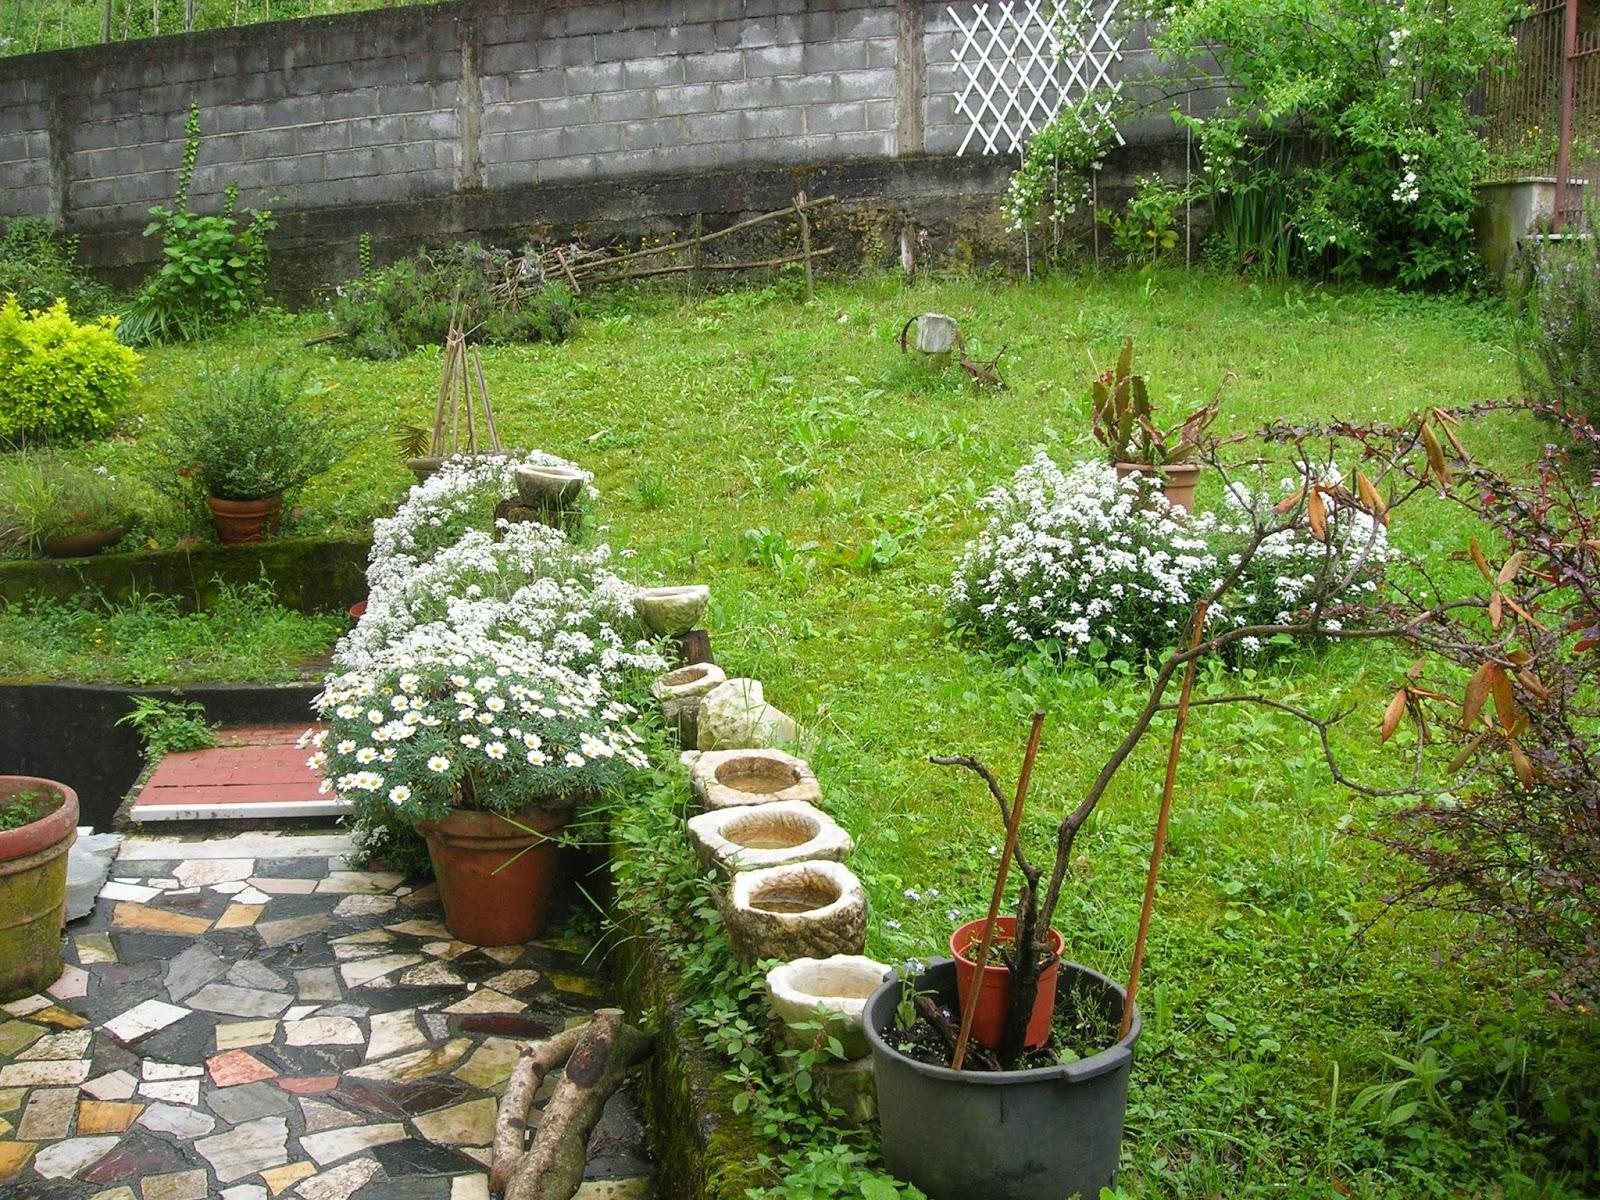 Semola angoli di giardino - Angoli di giardino ...